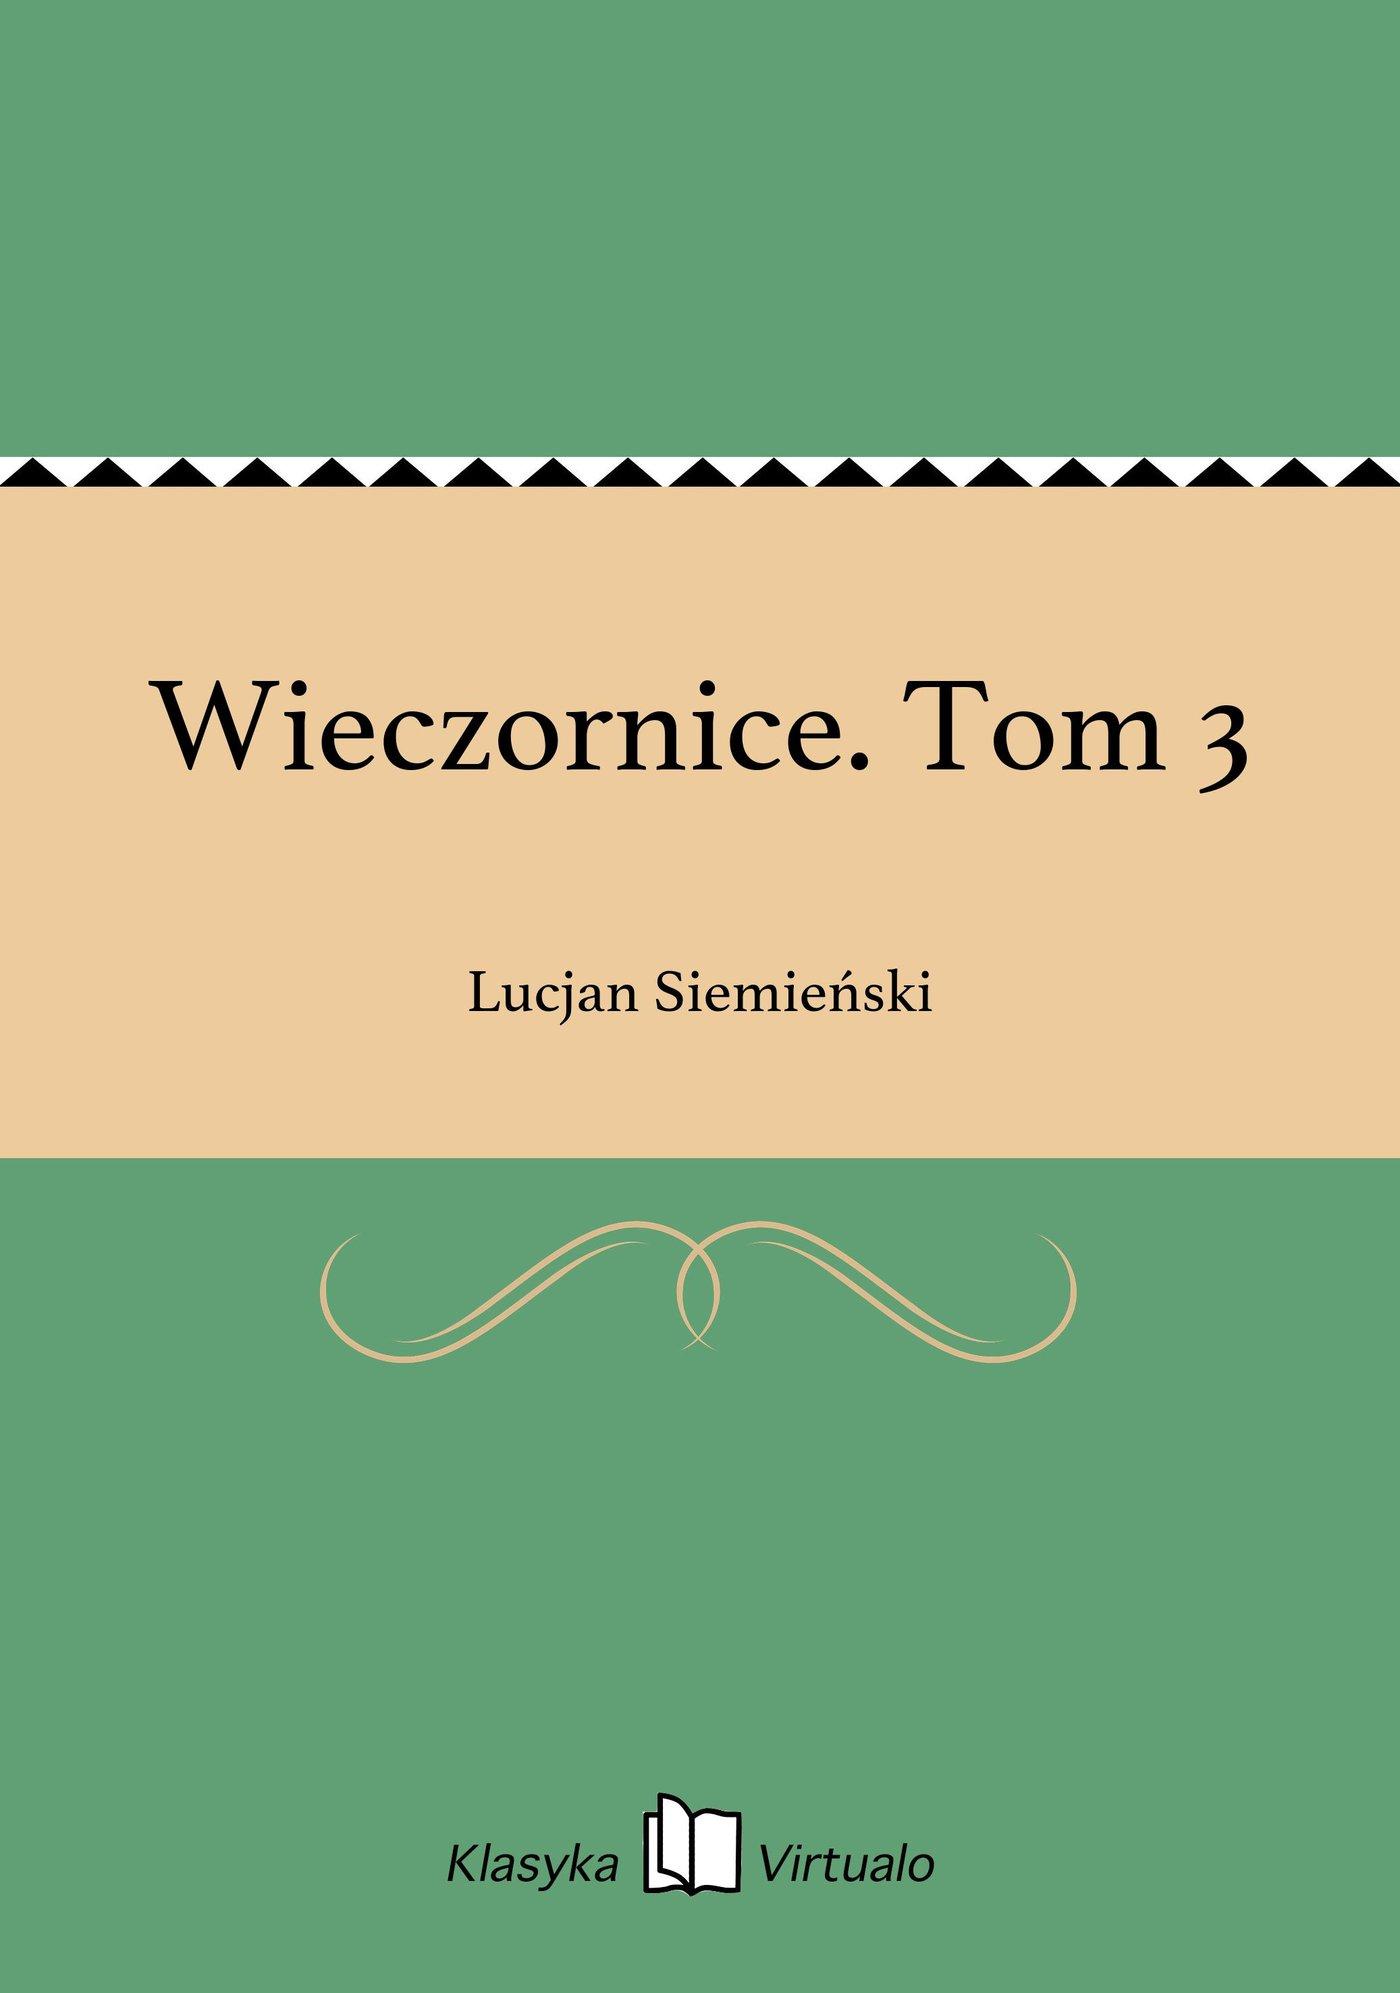 Wieczornice. Tom 3 - Ebook (Książka EPUB) do pobrania w formacie EPUB